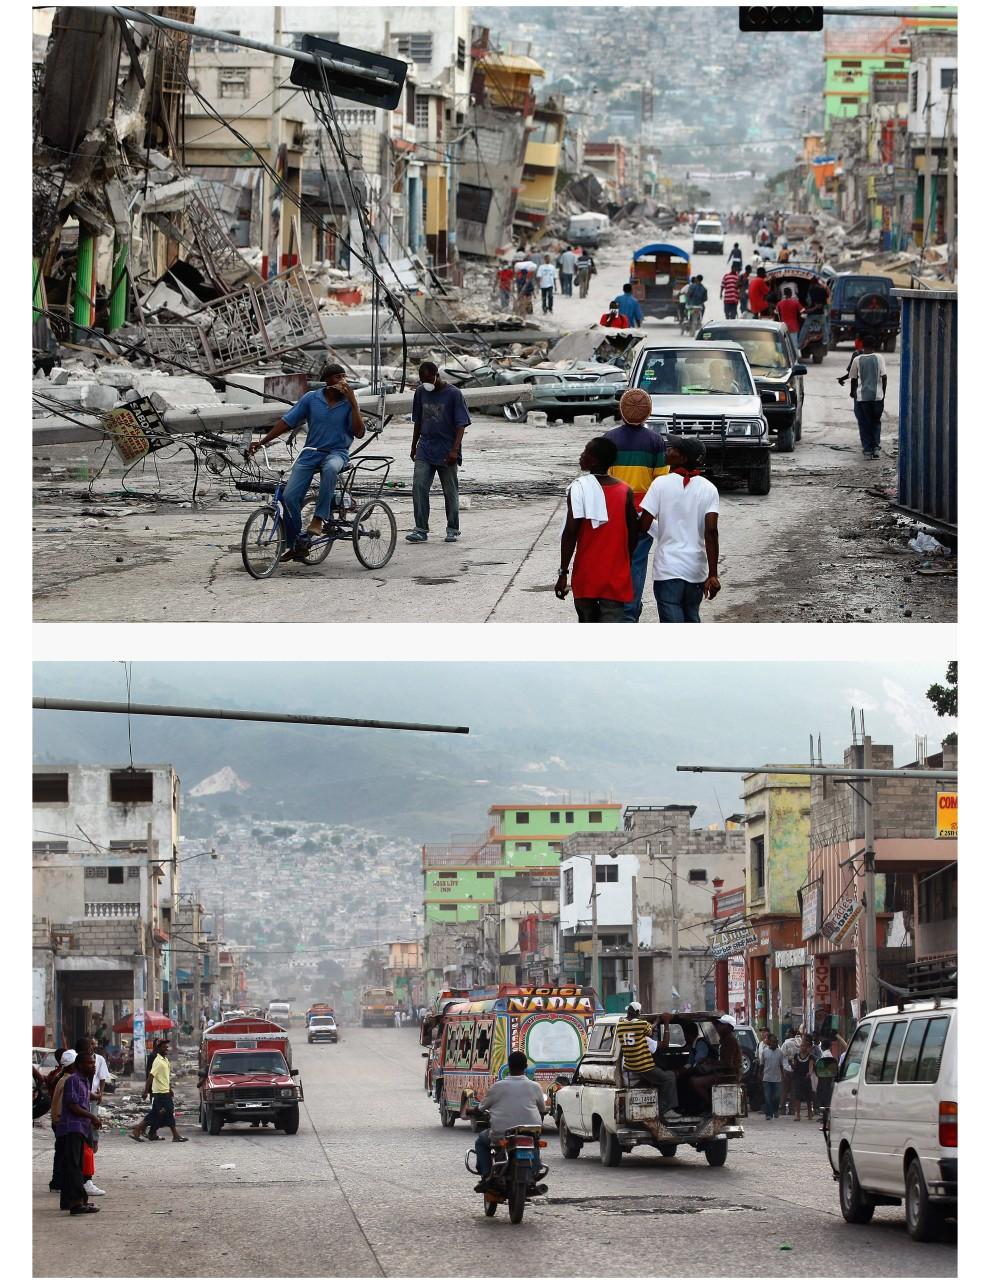 6. i 7.  HAITI, Port-au-Prince, zdjęcie pierwsze z 16 stycznia 2010: Mieszkańcy na ulicy zniszczonego Port-au-Prince.  Zdjęcie drugie z 12 stycznia 2011: To samo miejsce – Ulica w Port-au-Prince w rok po trzęsieniu ziemi. (Foto: Joe Raedle/Getty Images)